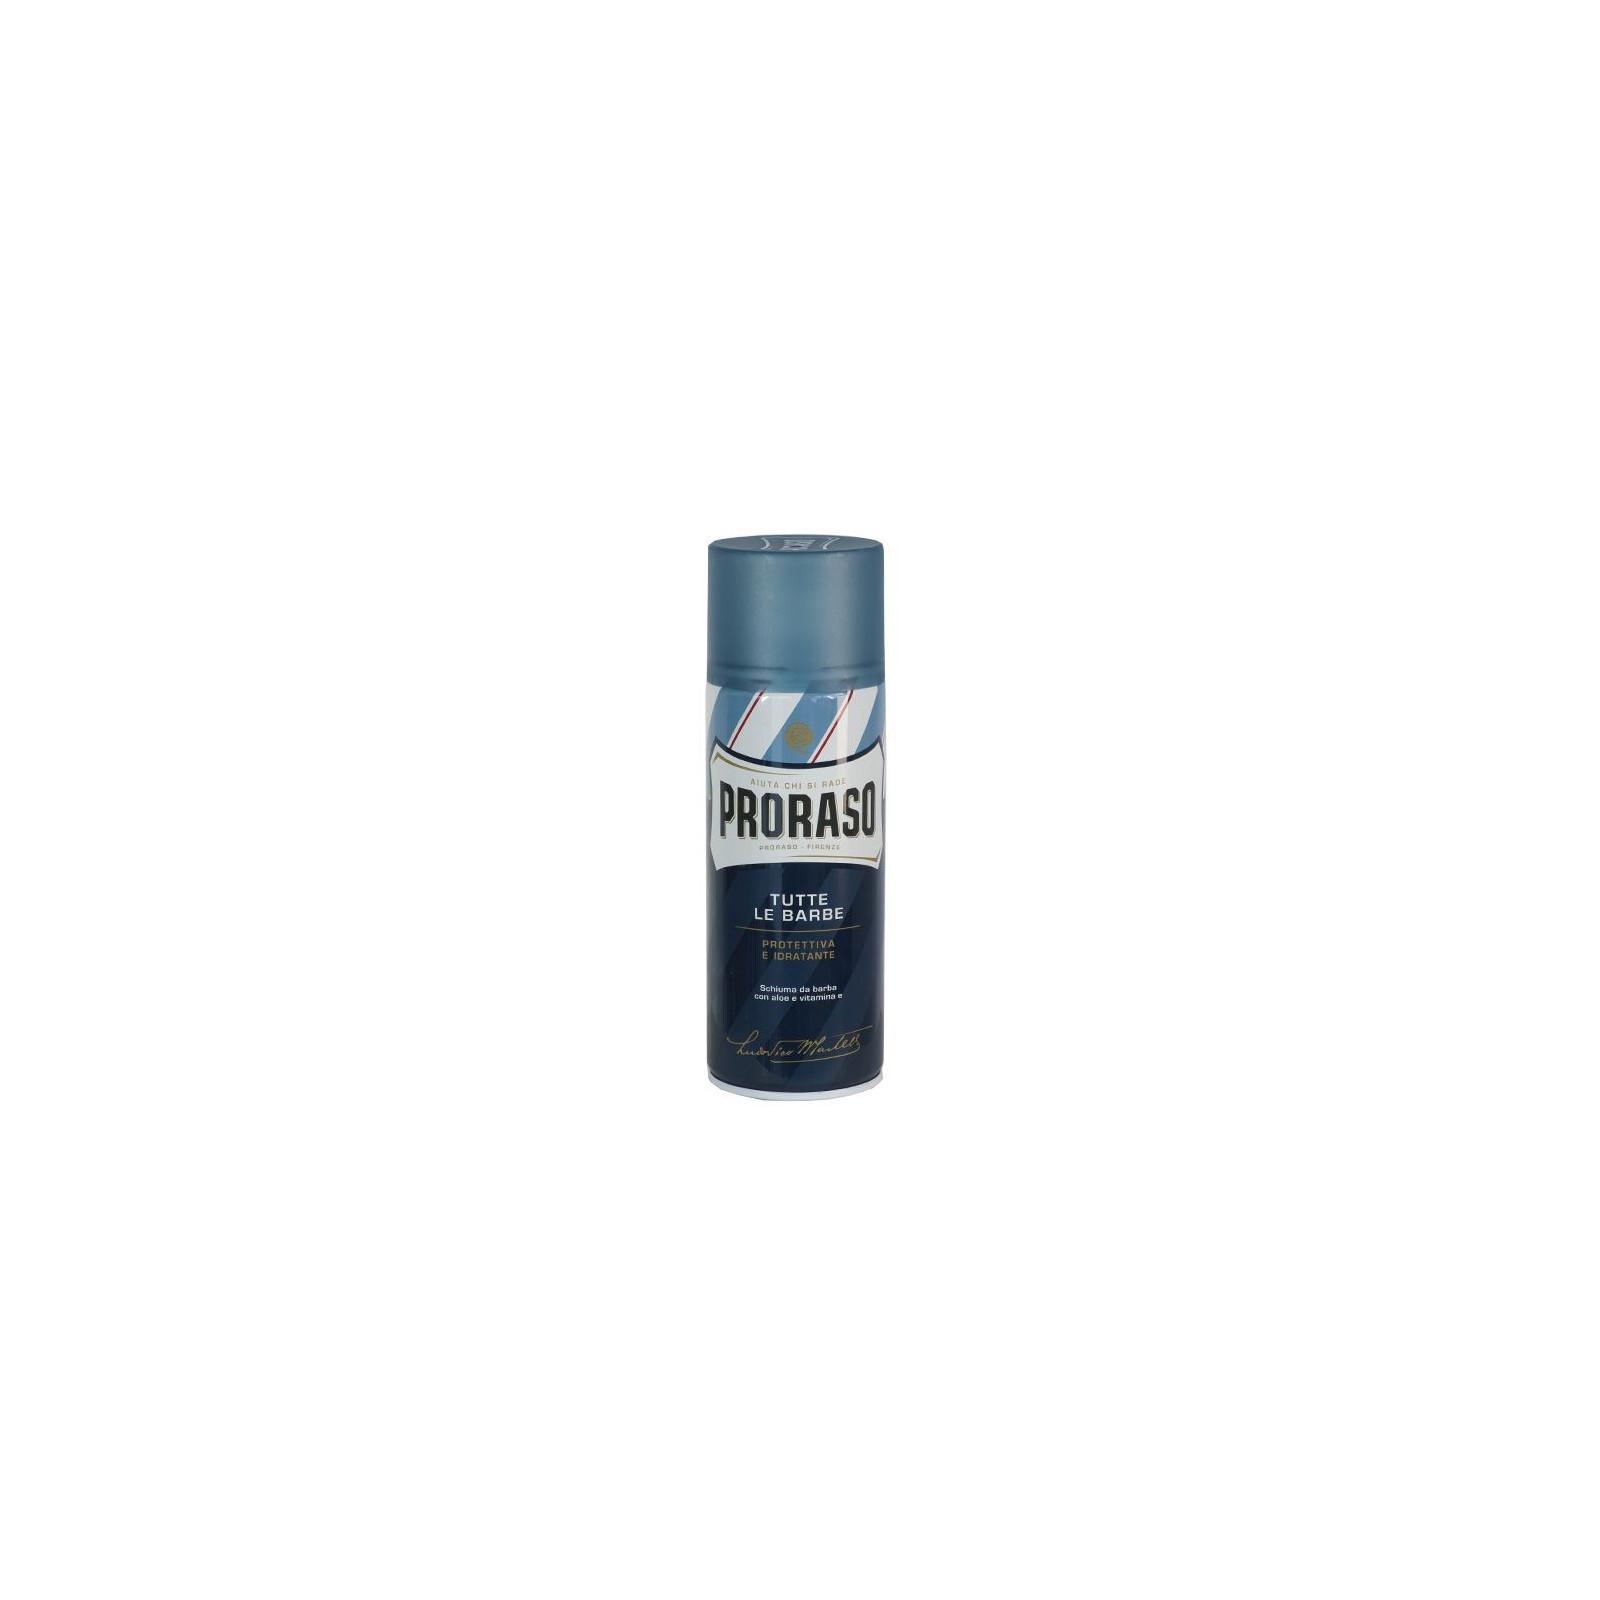 Grande Mousse de rasage Proraso bleue